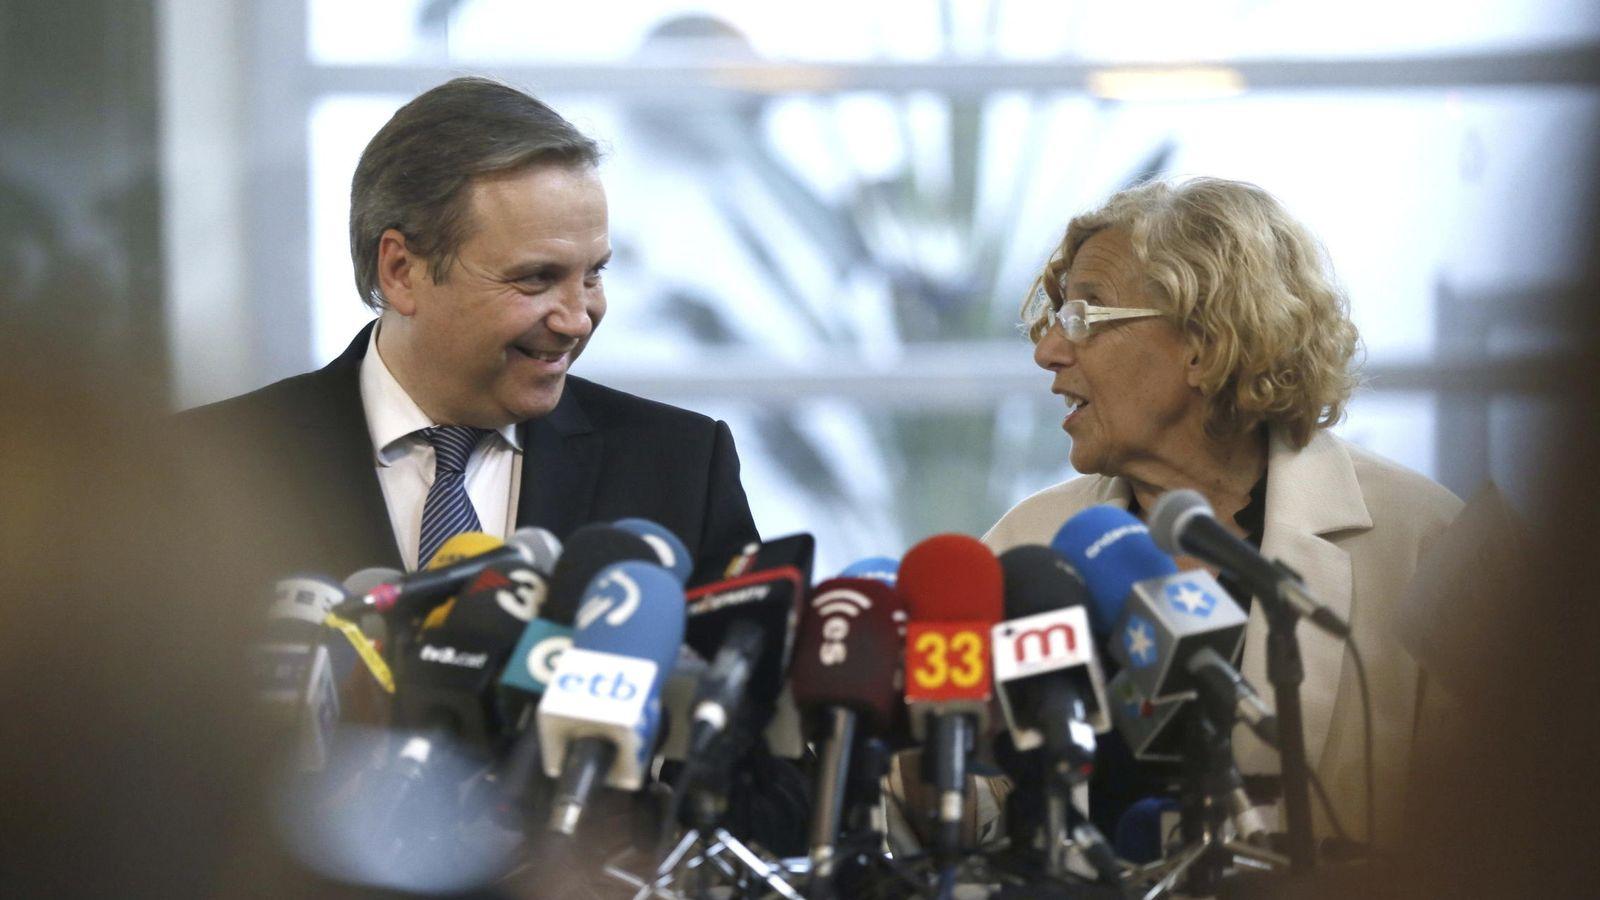 Foto:  La nueva alcaldesa de Madrid, Manuela Carmena, junto al socialista Miguel Carmona, su aliado para formar gobierno. EFE